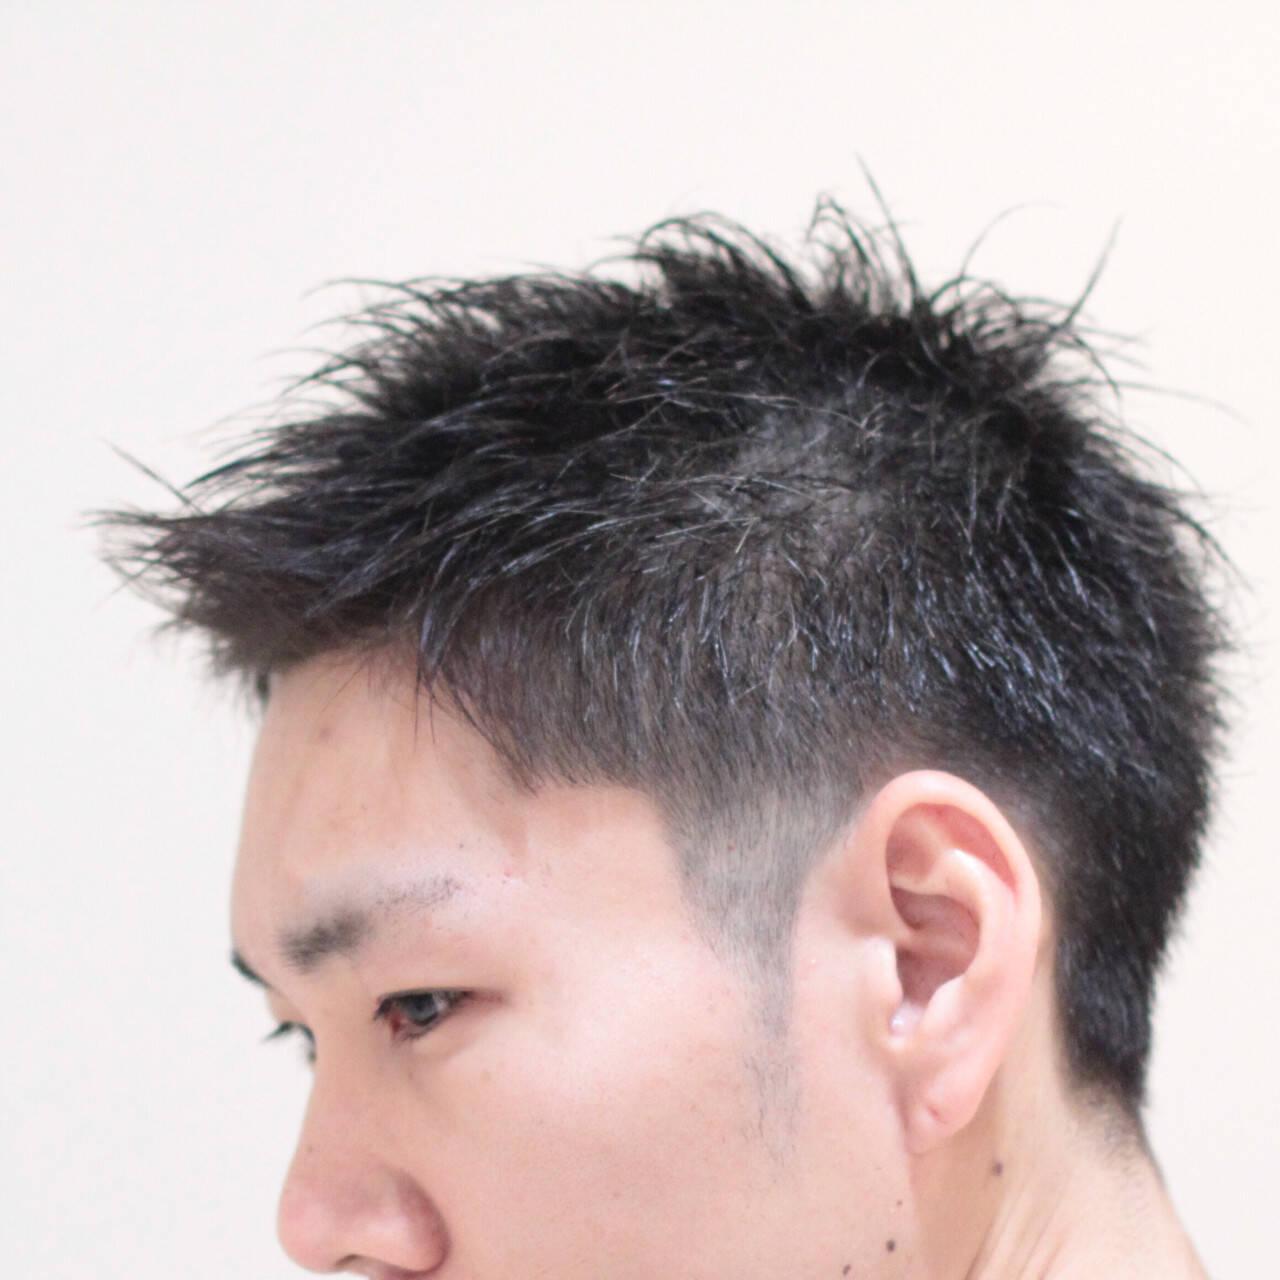 ボブ ナチュラル 刈り上げ ボーイッシュヘアスタイルや髪型の写真・画像